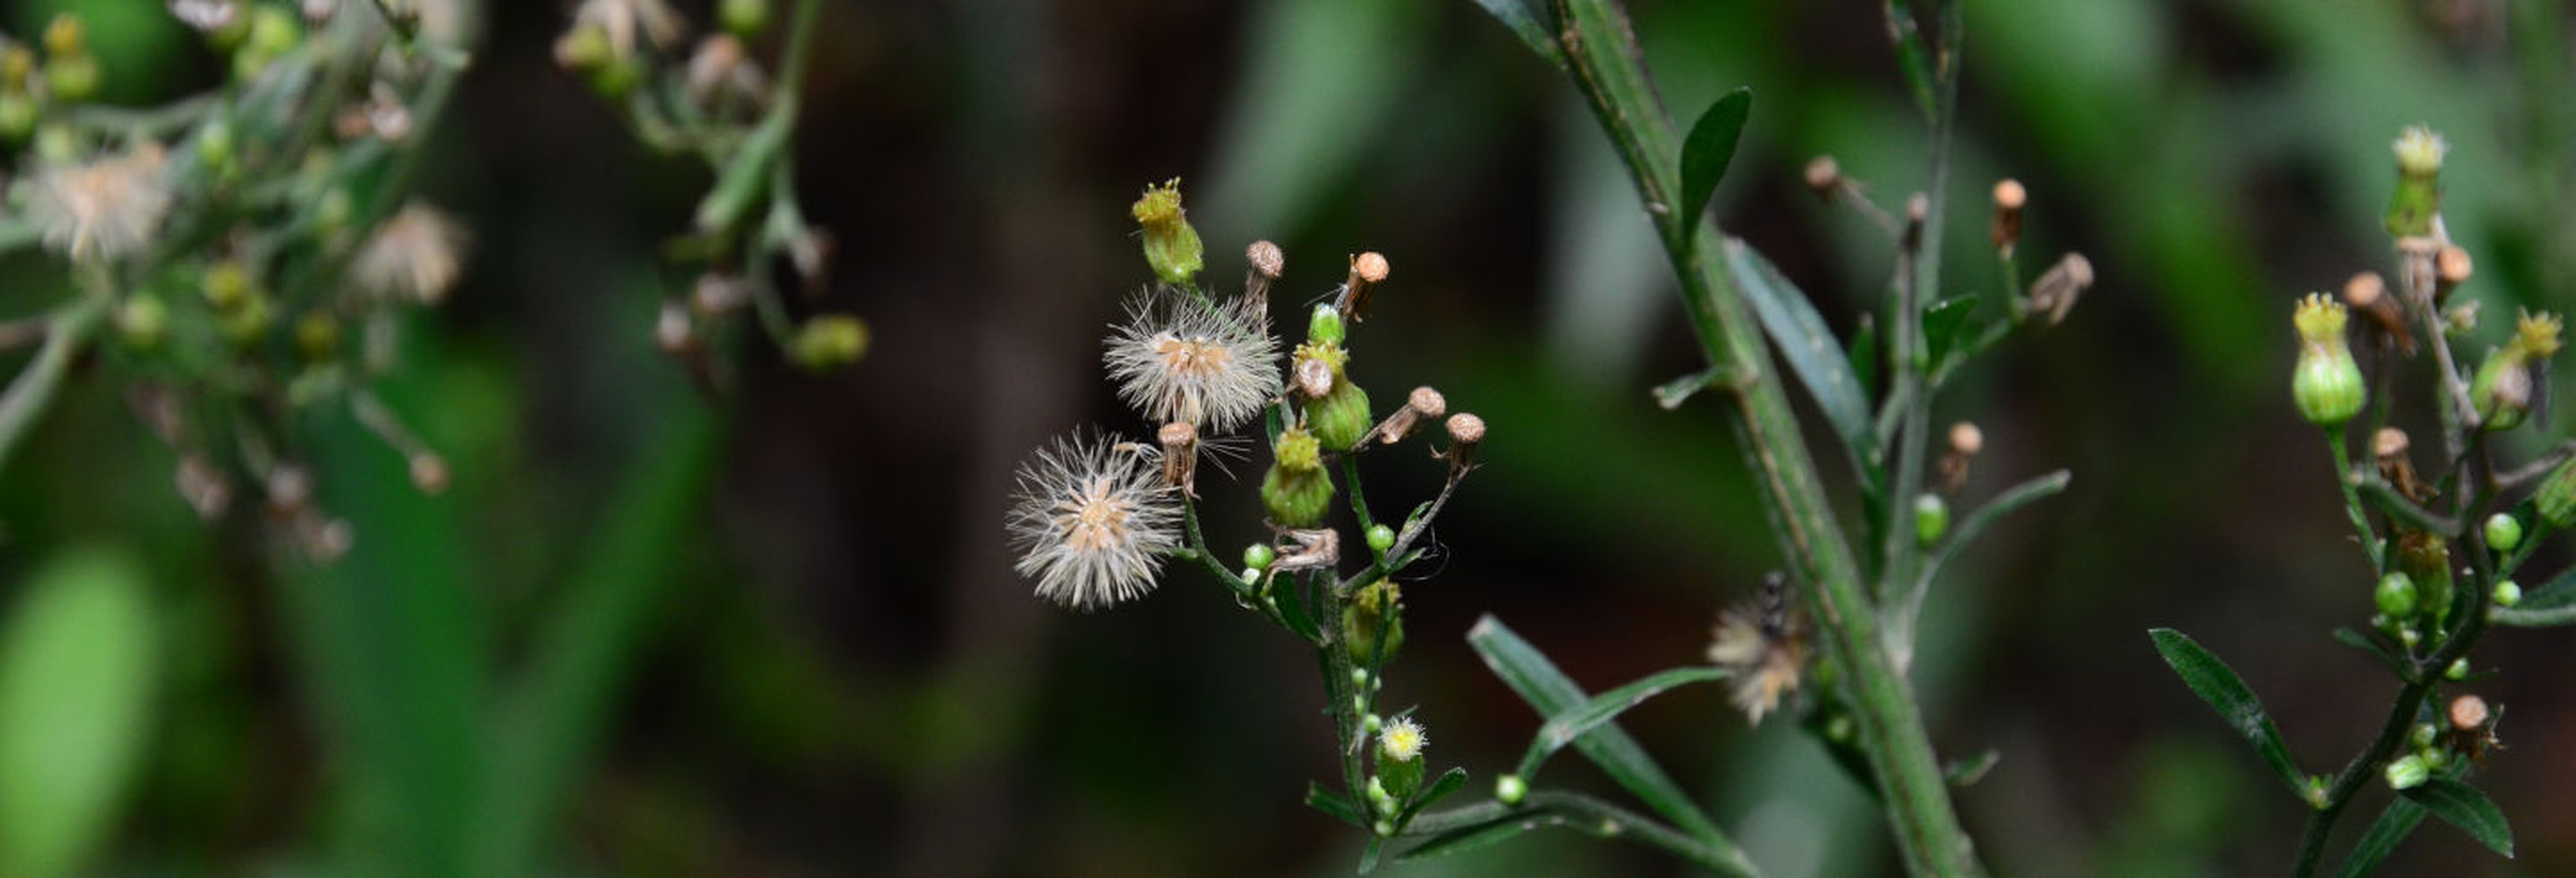 Senderismo por el Santuario de Fauna y Flora Iguaque